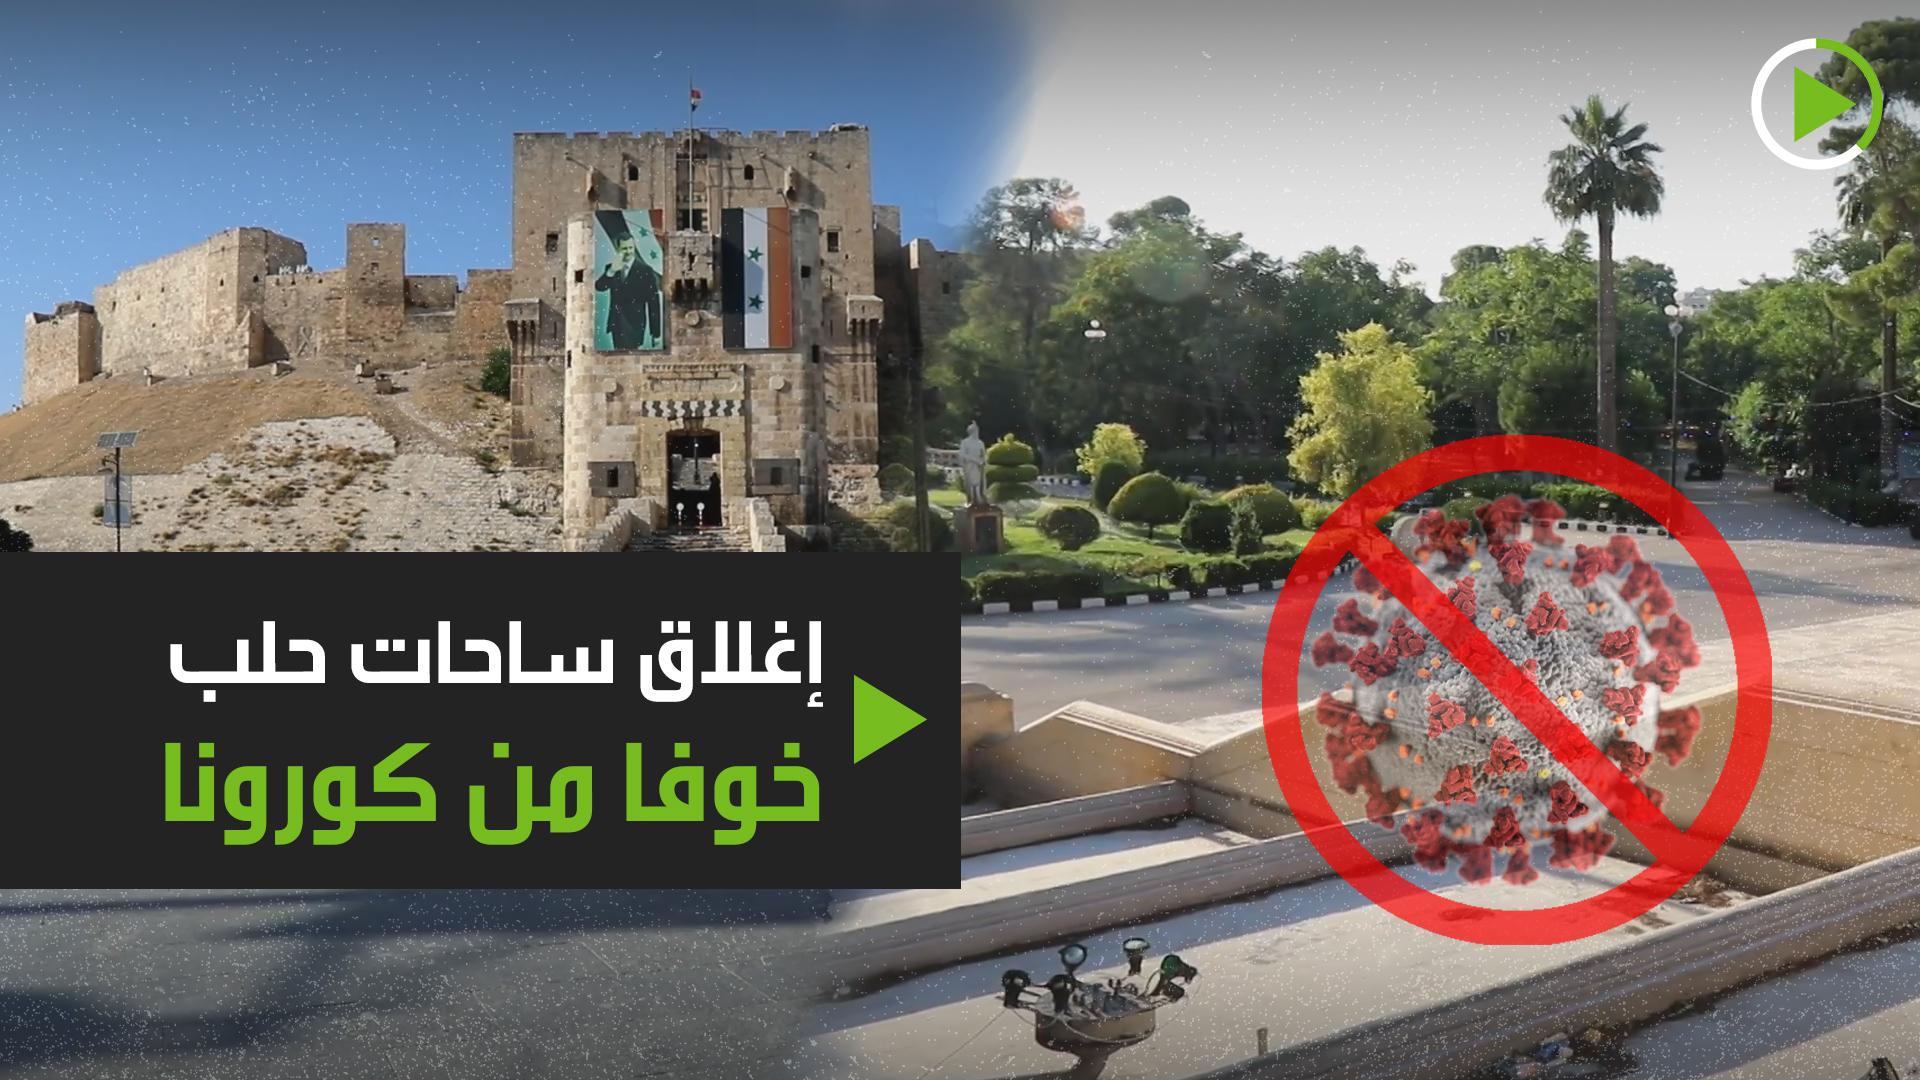 إغلاق ساحات حلب خوفا من كورونا